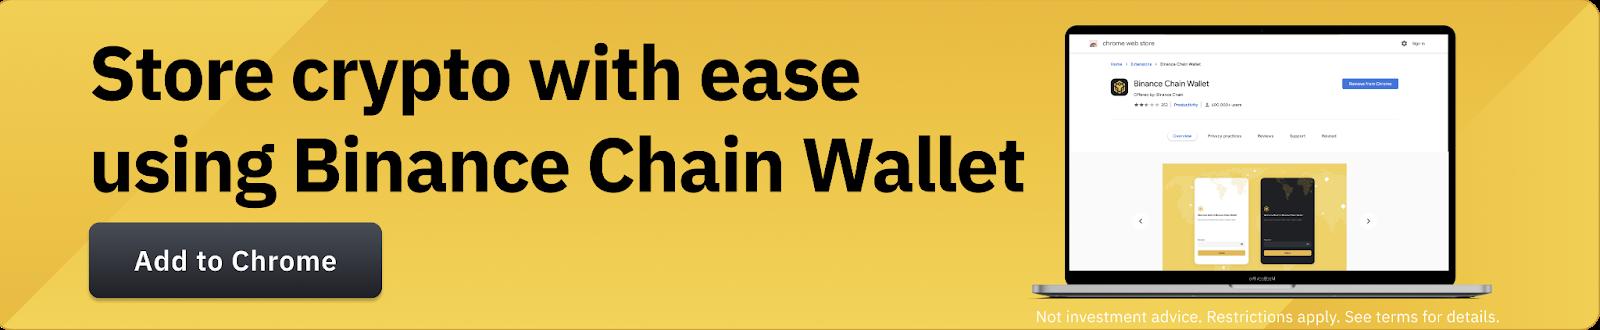 binance-chain-wallet-cta2